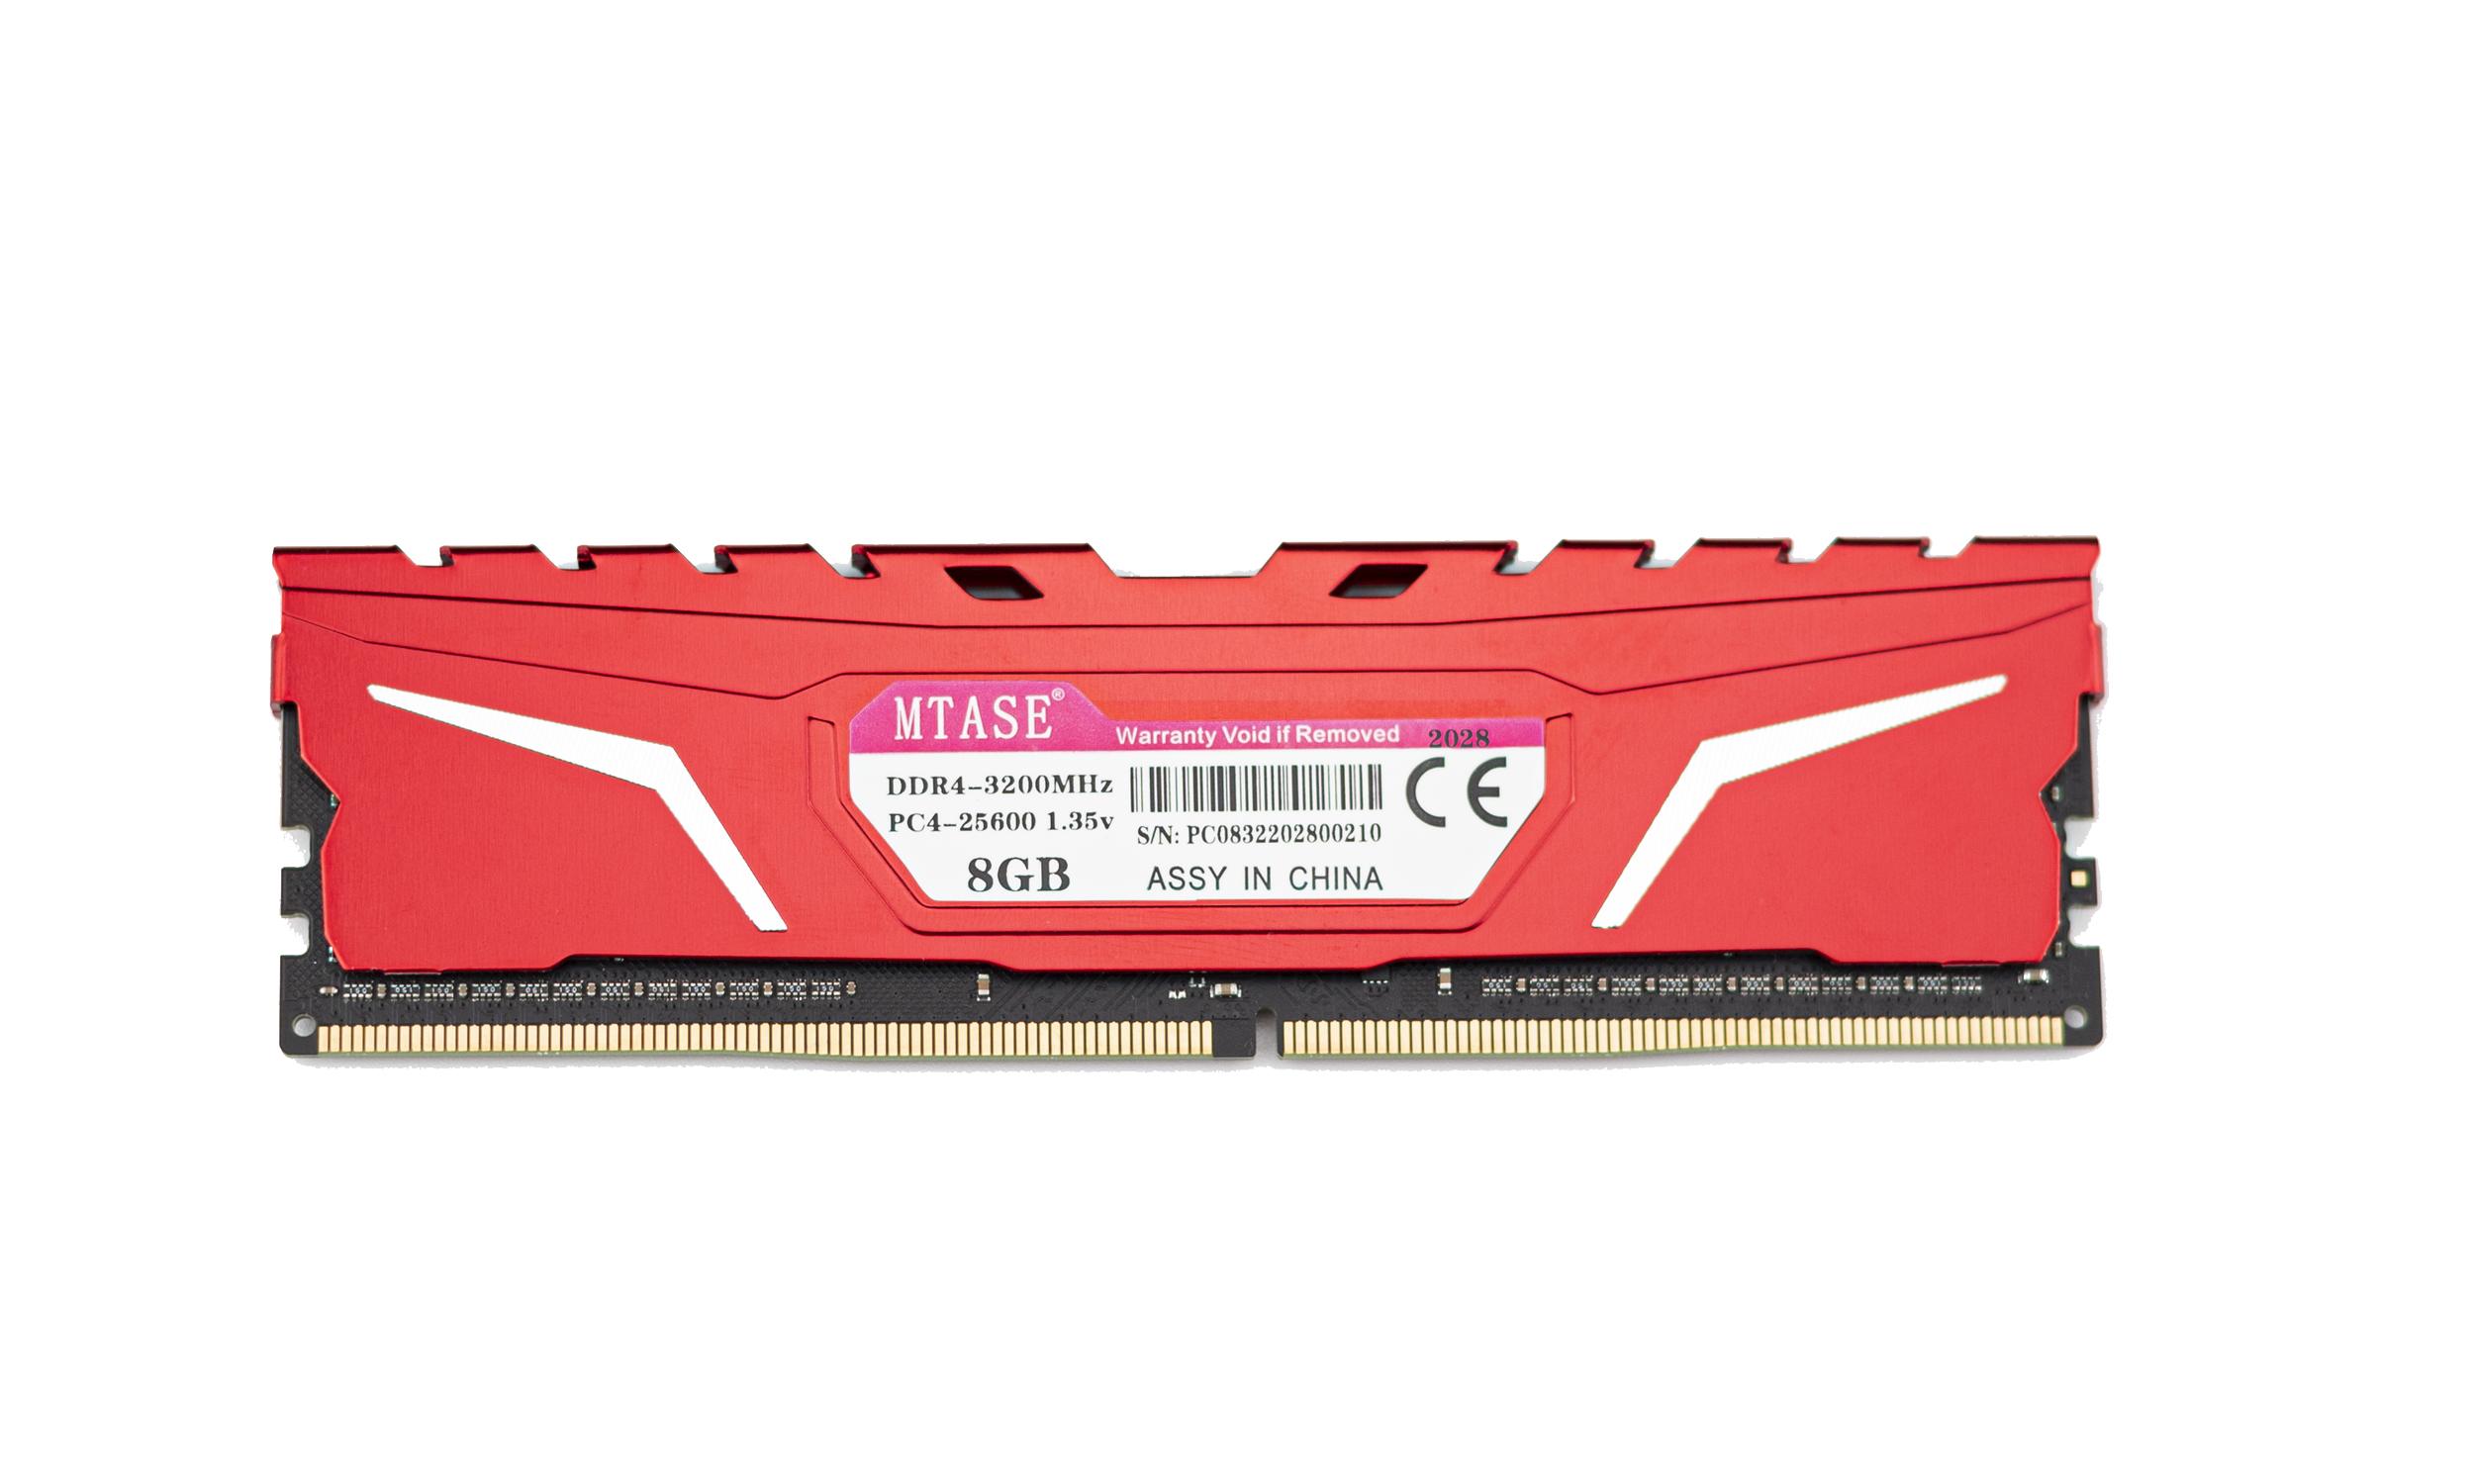 魅光黑战 台式机内存条 DDR4 8G3000